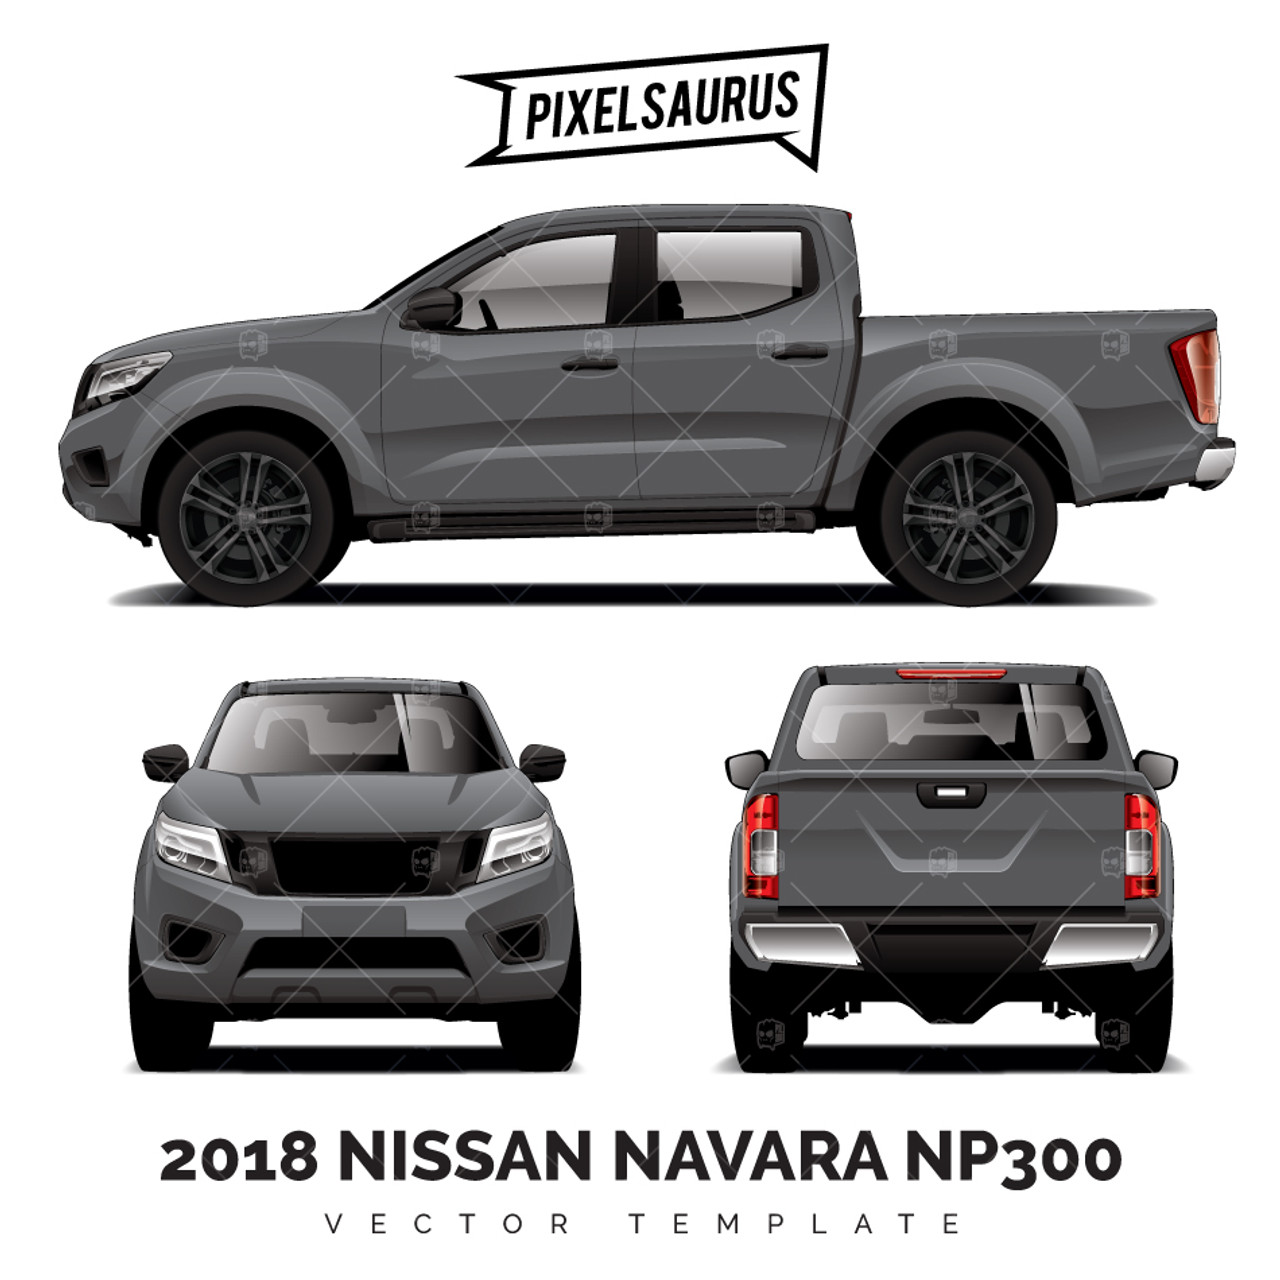 2015 nissan navara np300 frontier vector template